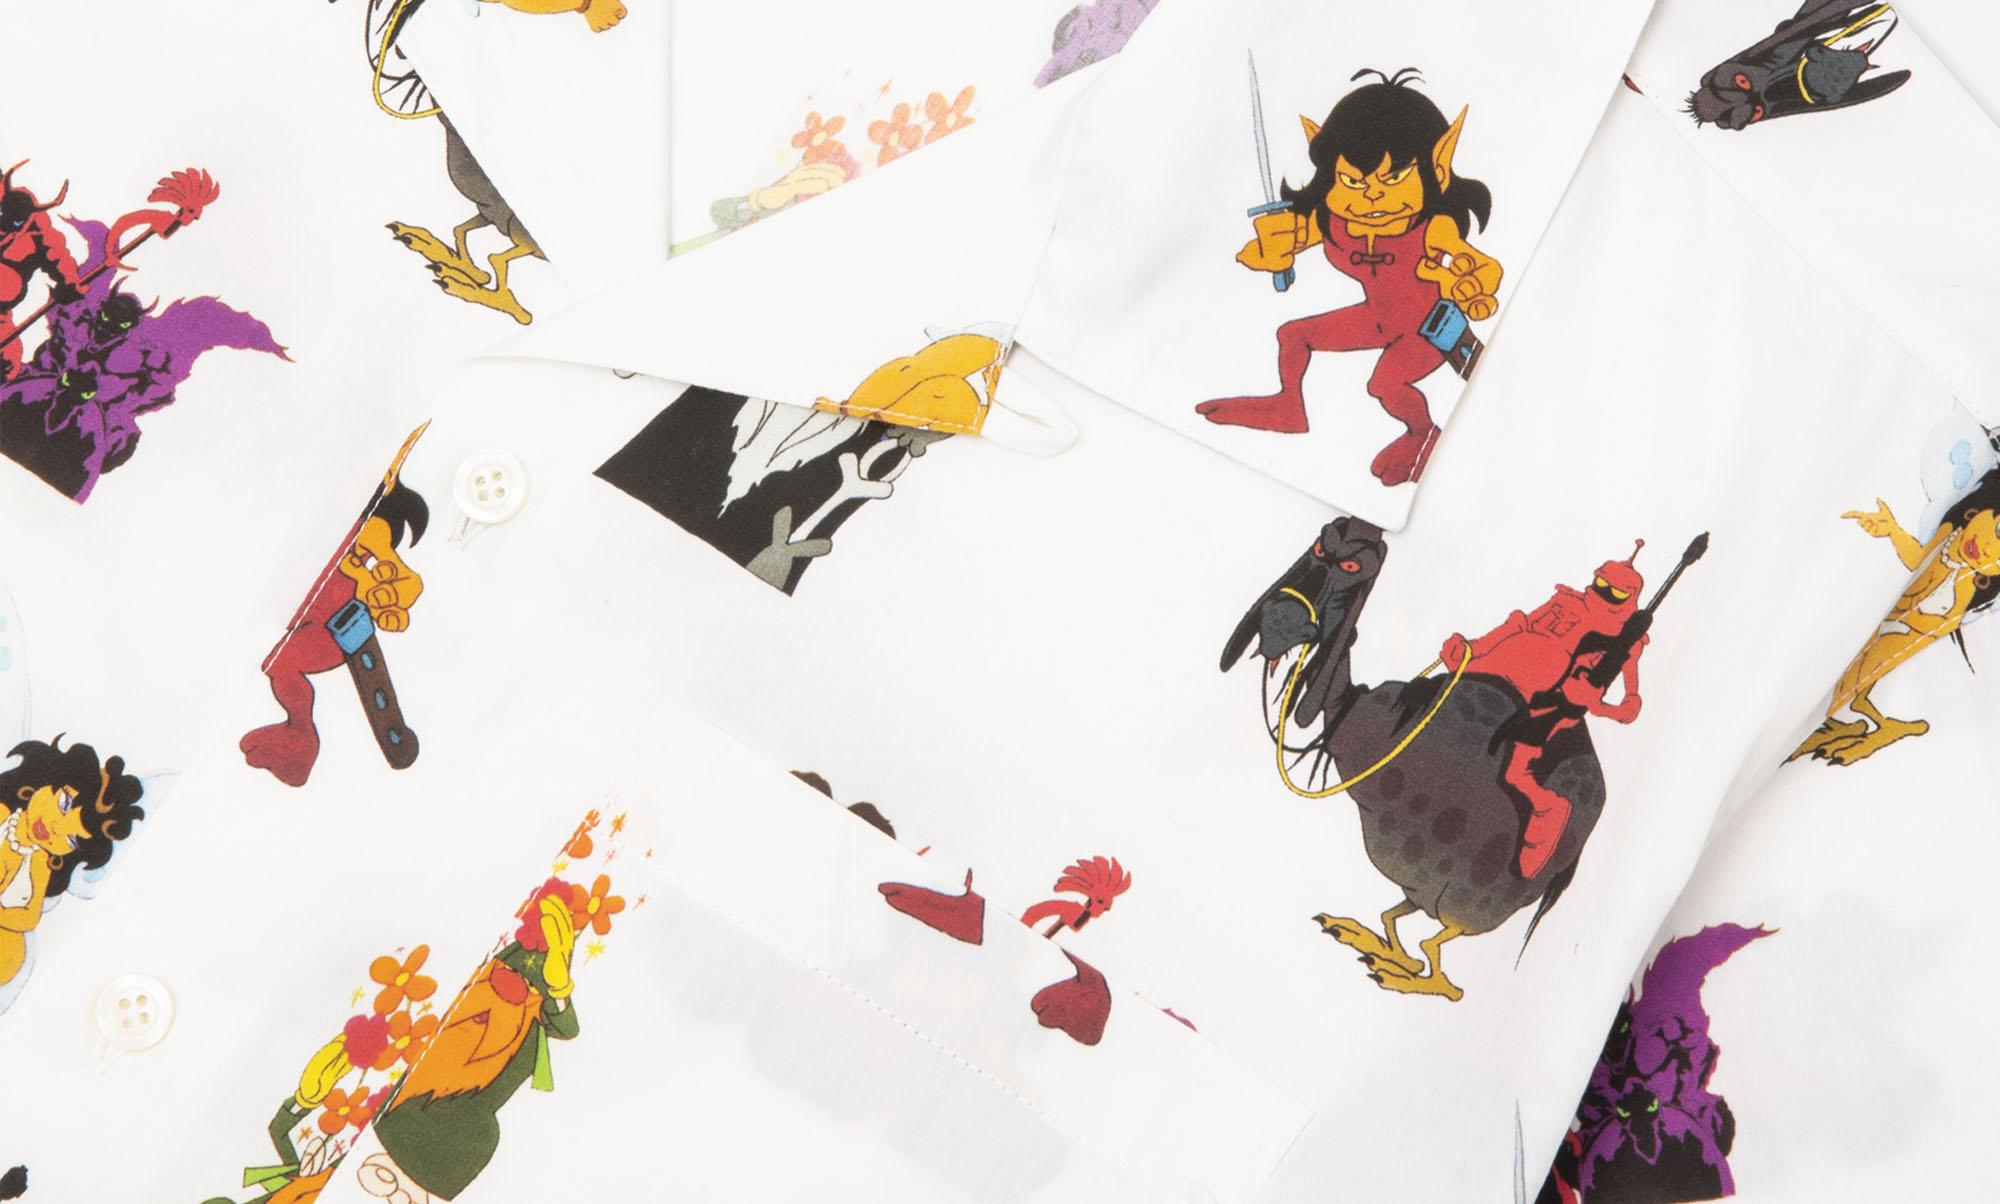 SFアニメWizardsキャラに焦点 Noahからコラボアイテム発売